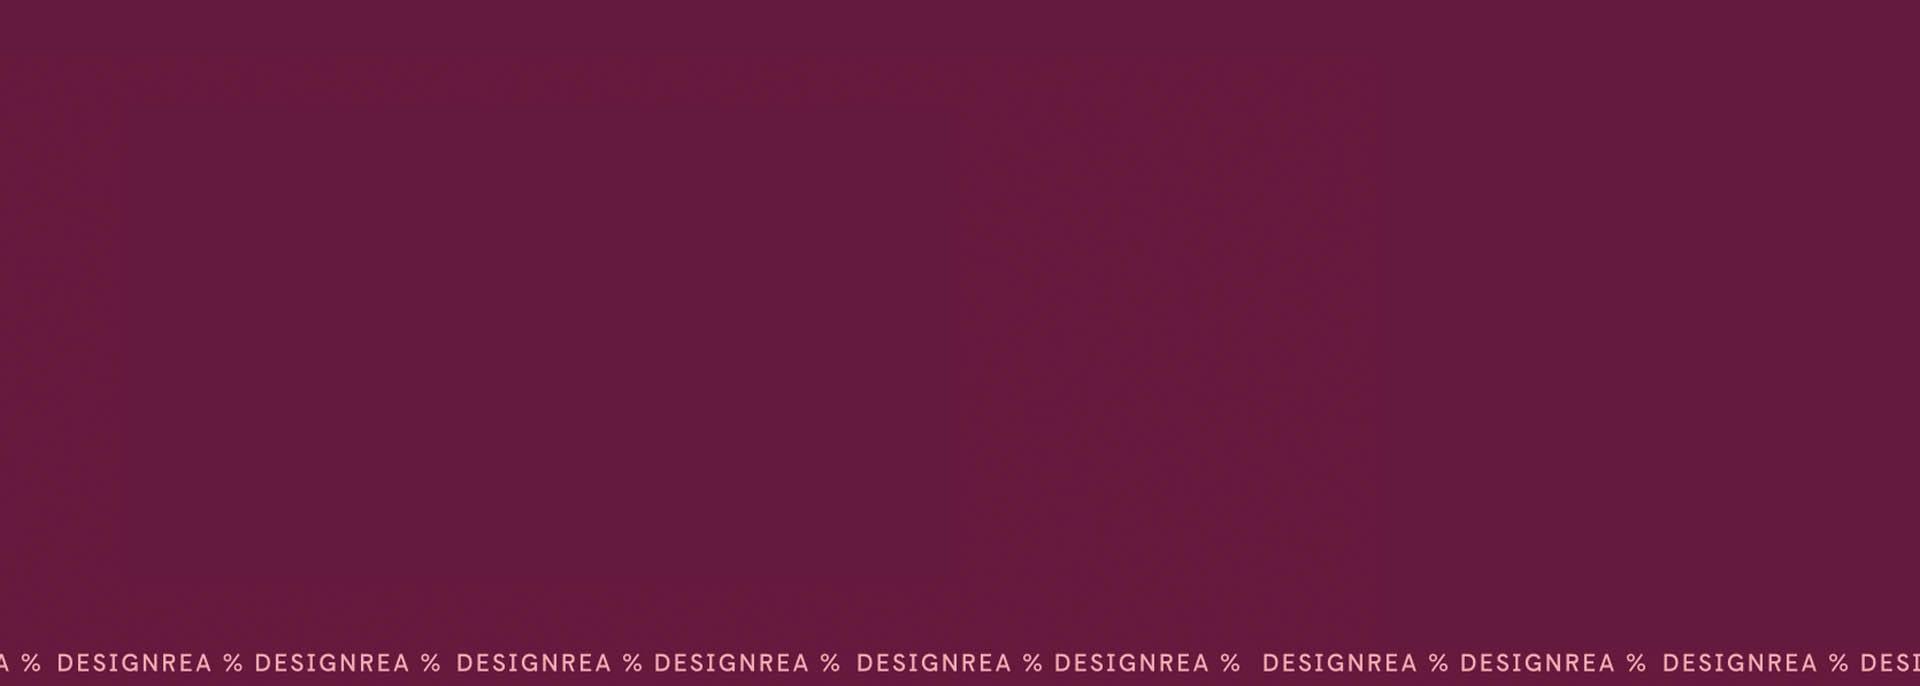 Designrea hos Smarteyes 75% rabatt på hundratals bågar